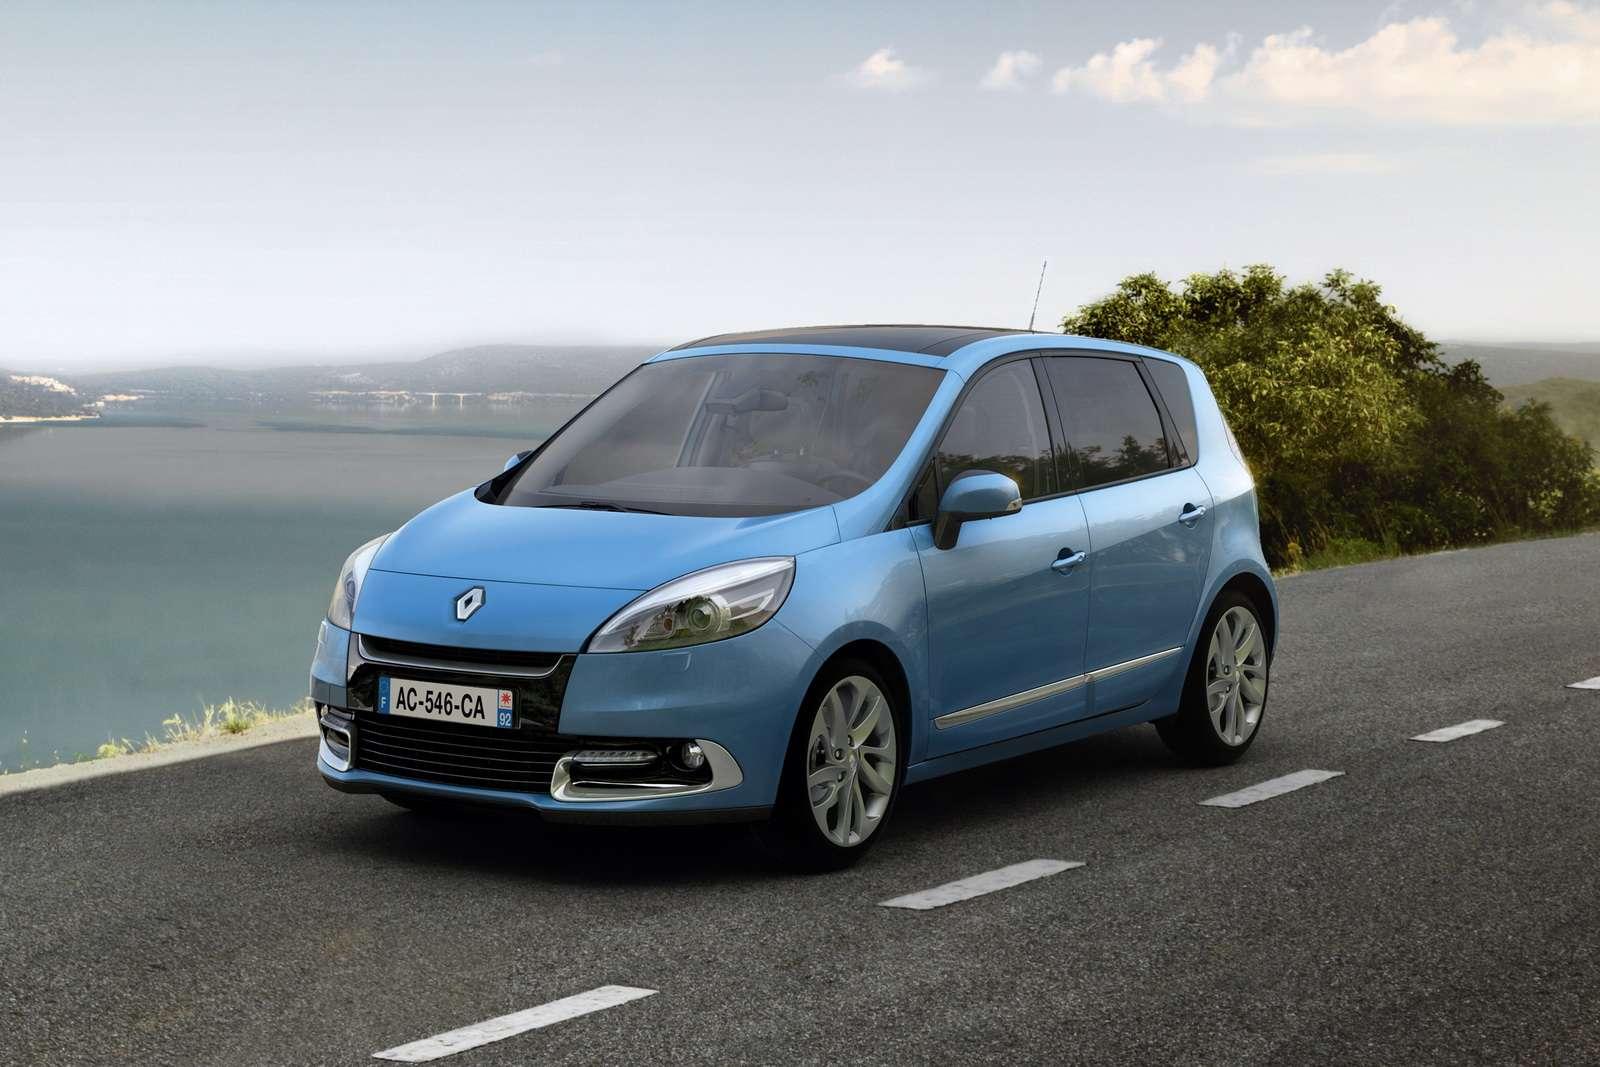 Renault Scenic 2012 fot grudzien 2011